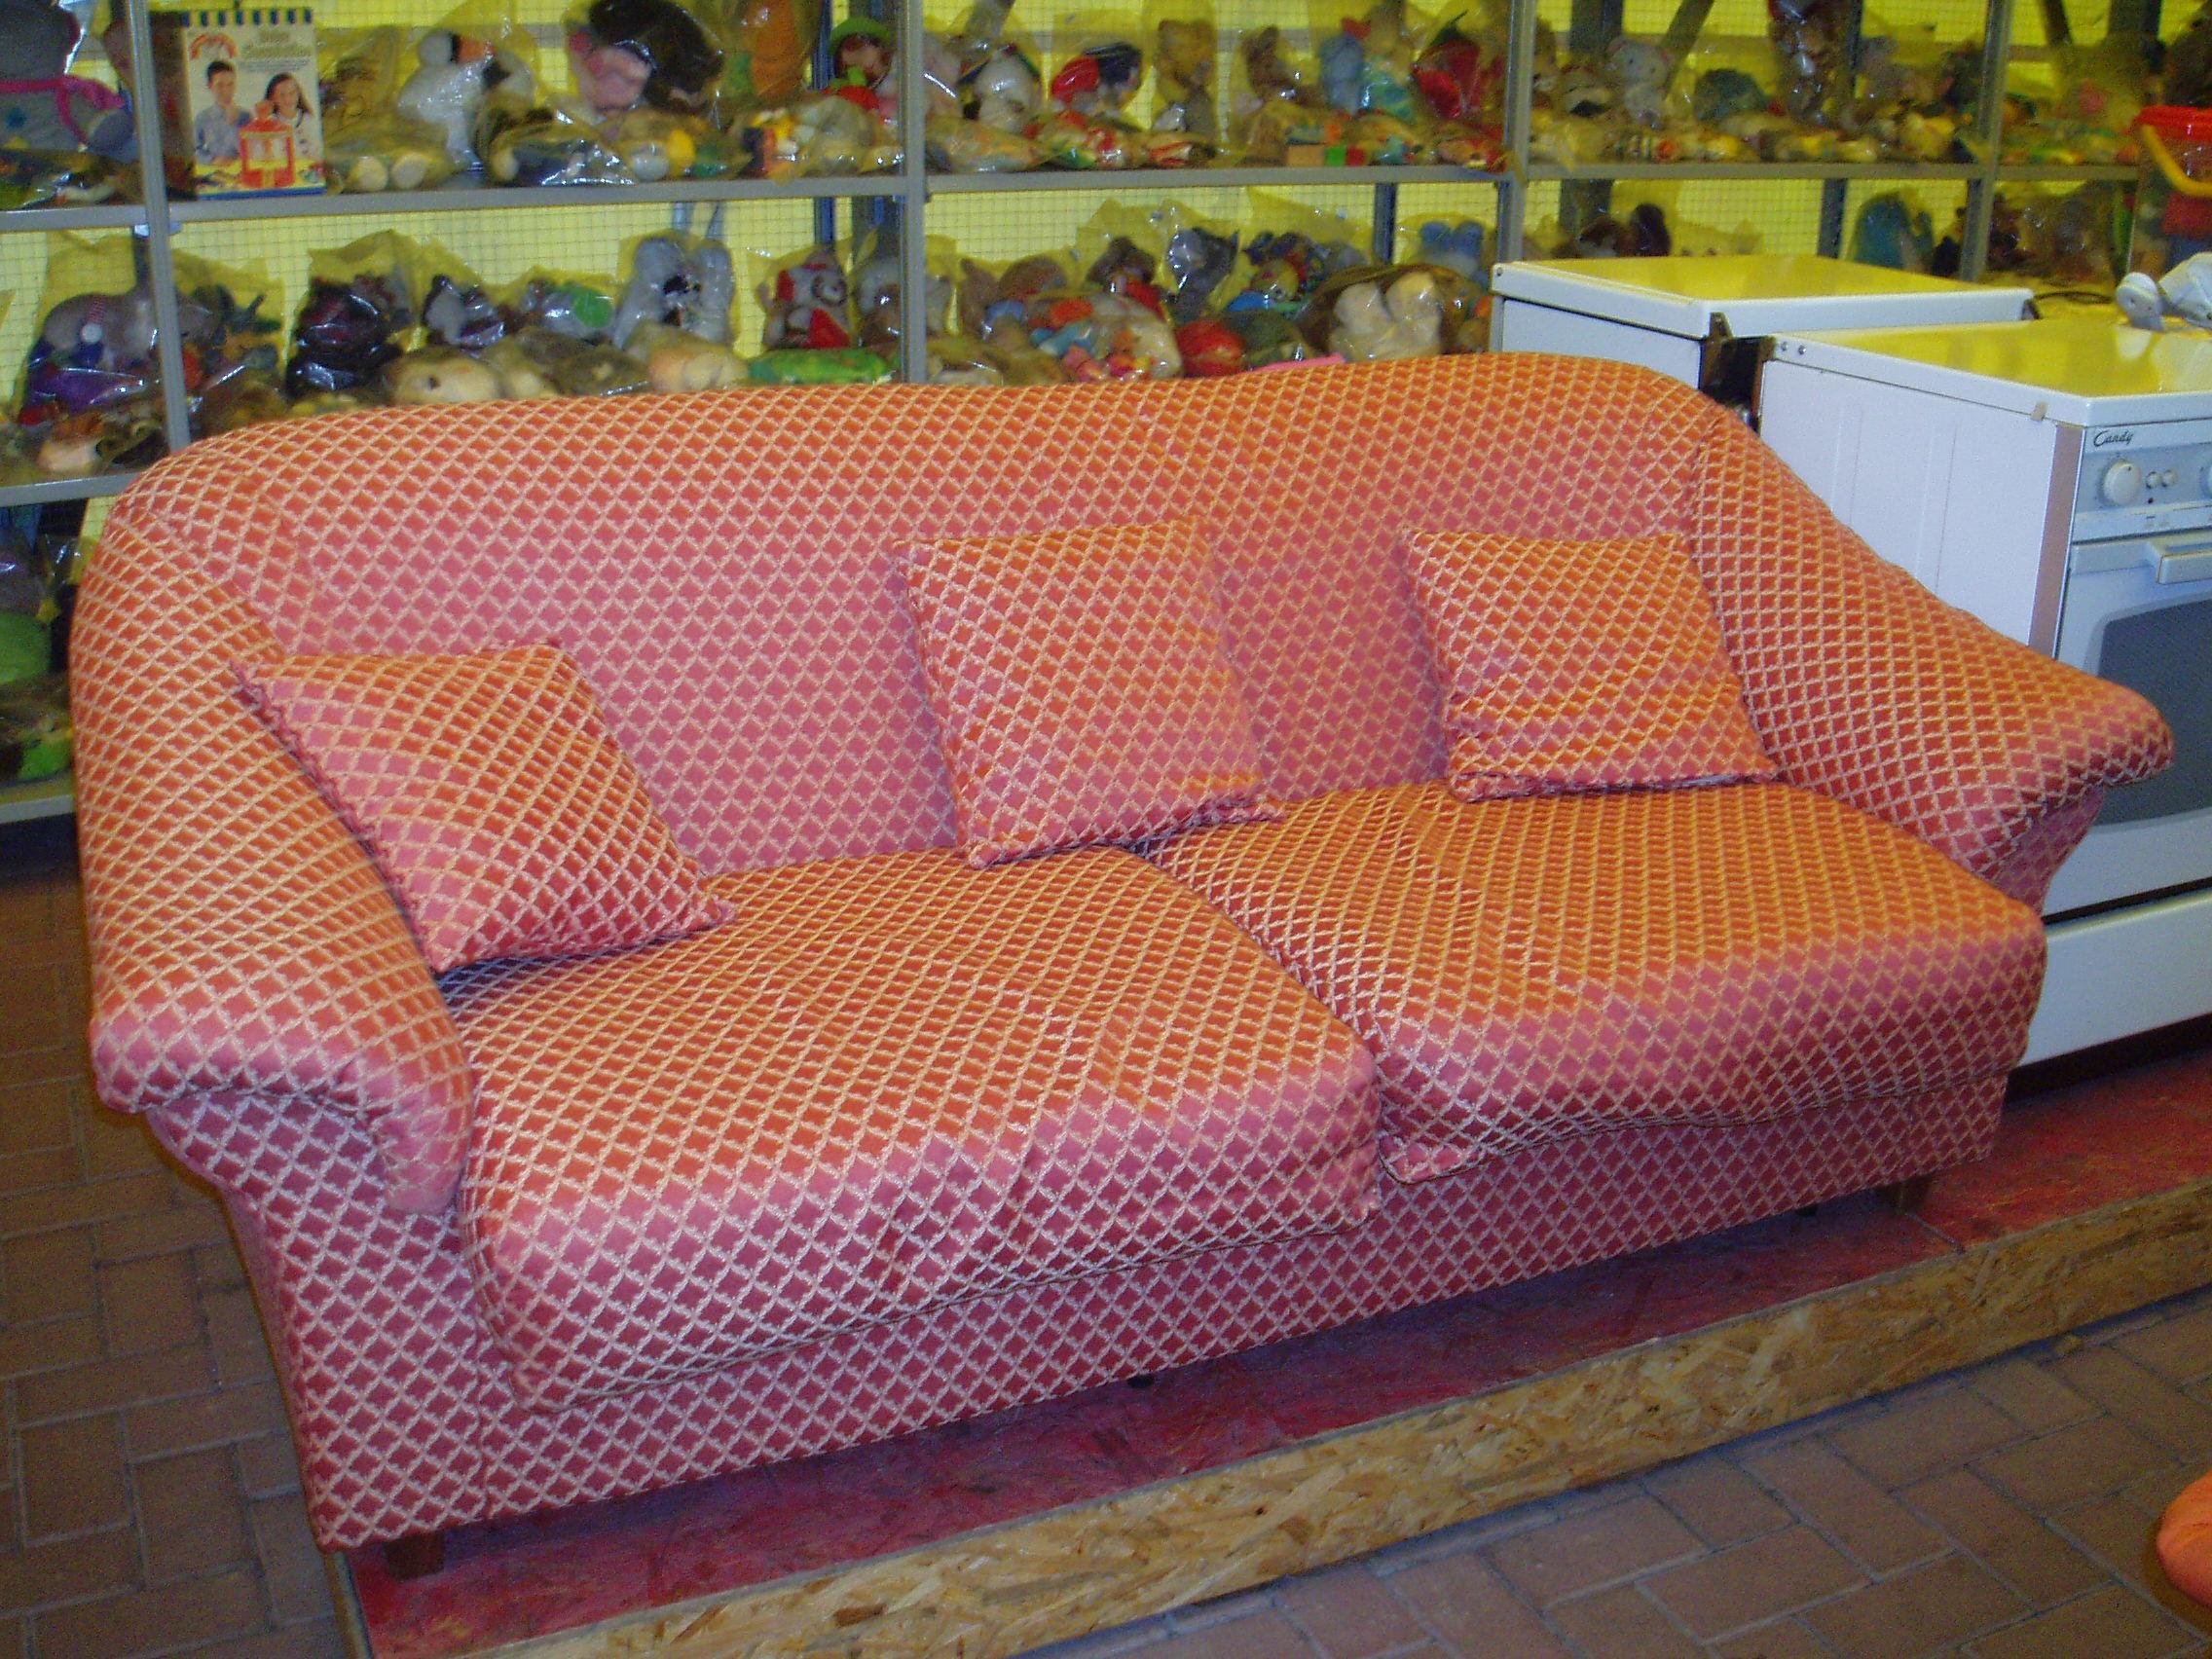 Divani Letto Usati : Divani letto usati u il tendone solidale mercatino dell usato